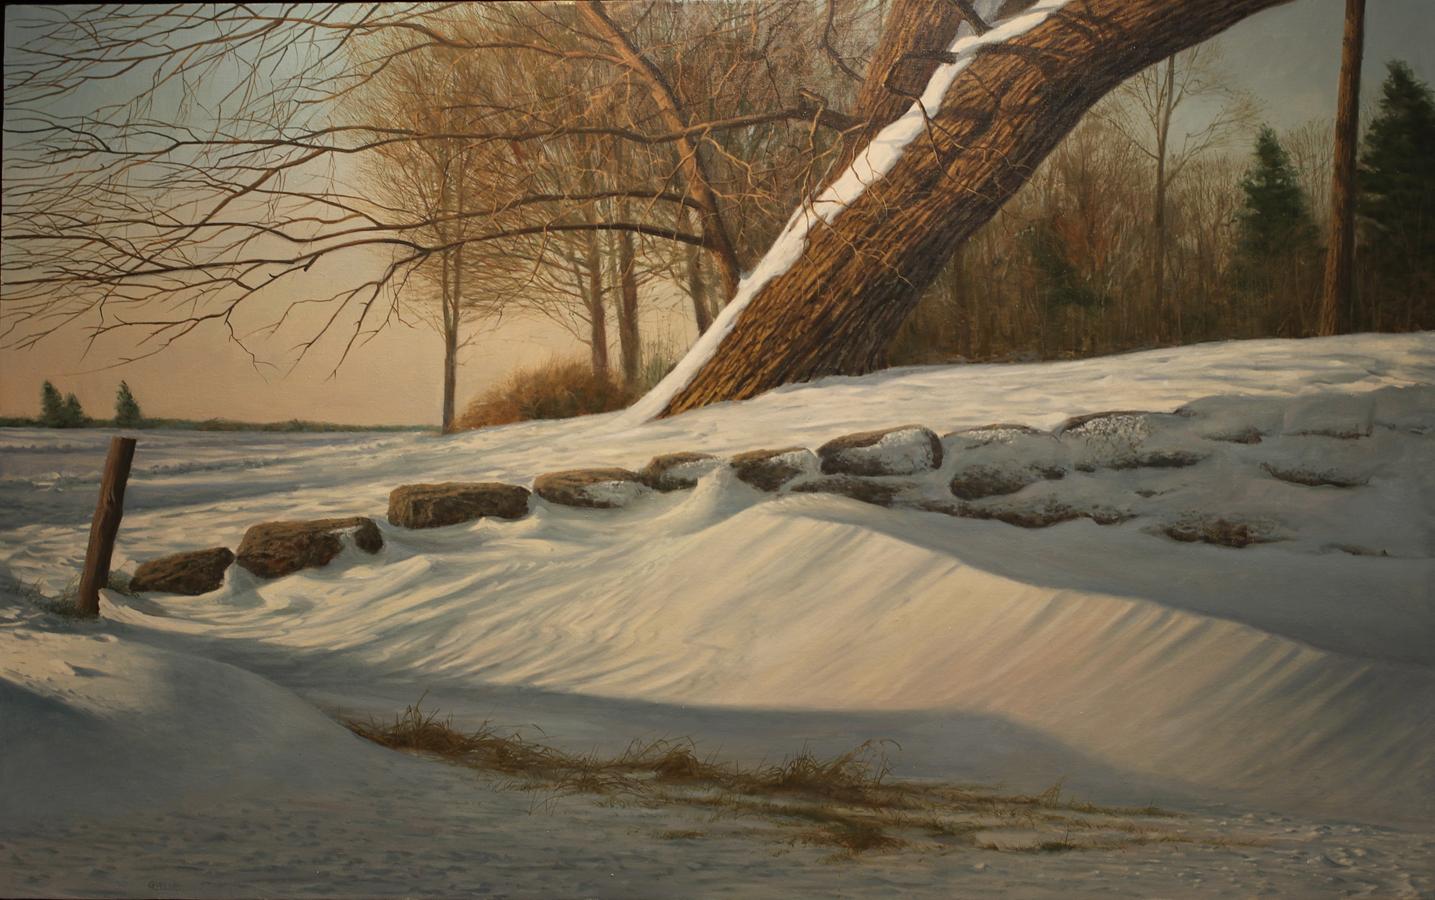 """Joseph Reboli, Unknown Title   Oil on Canvas   64"""" x 40""""  Stony Brook Harbor in the winter."""